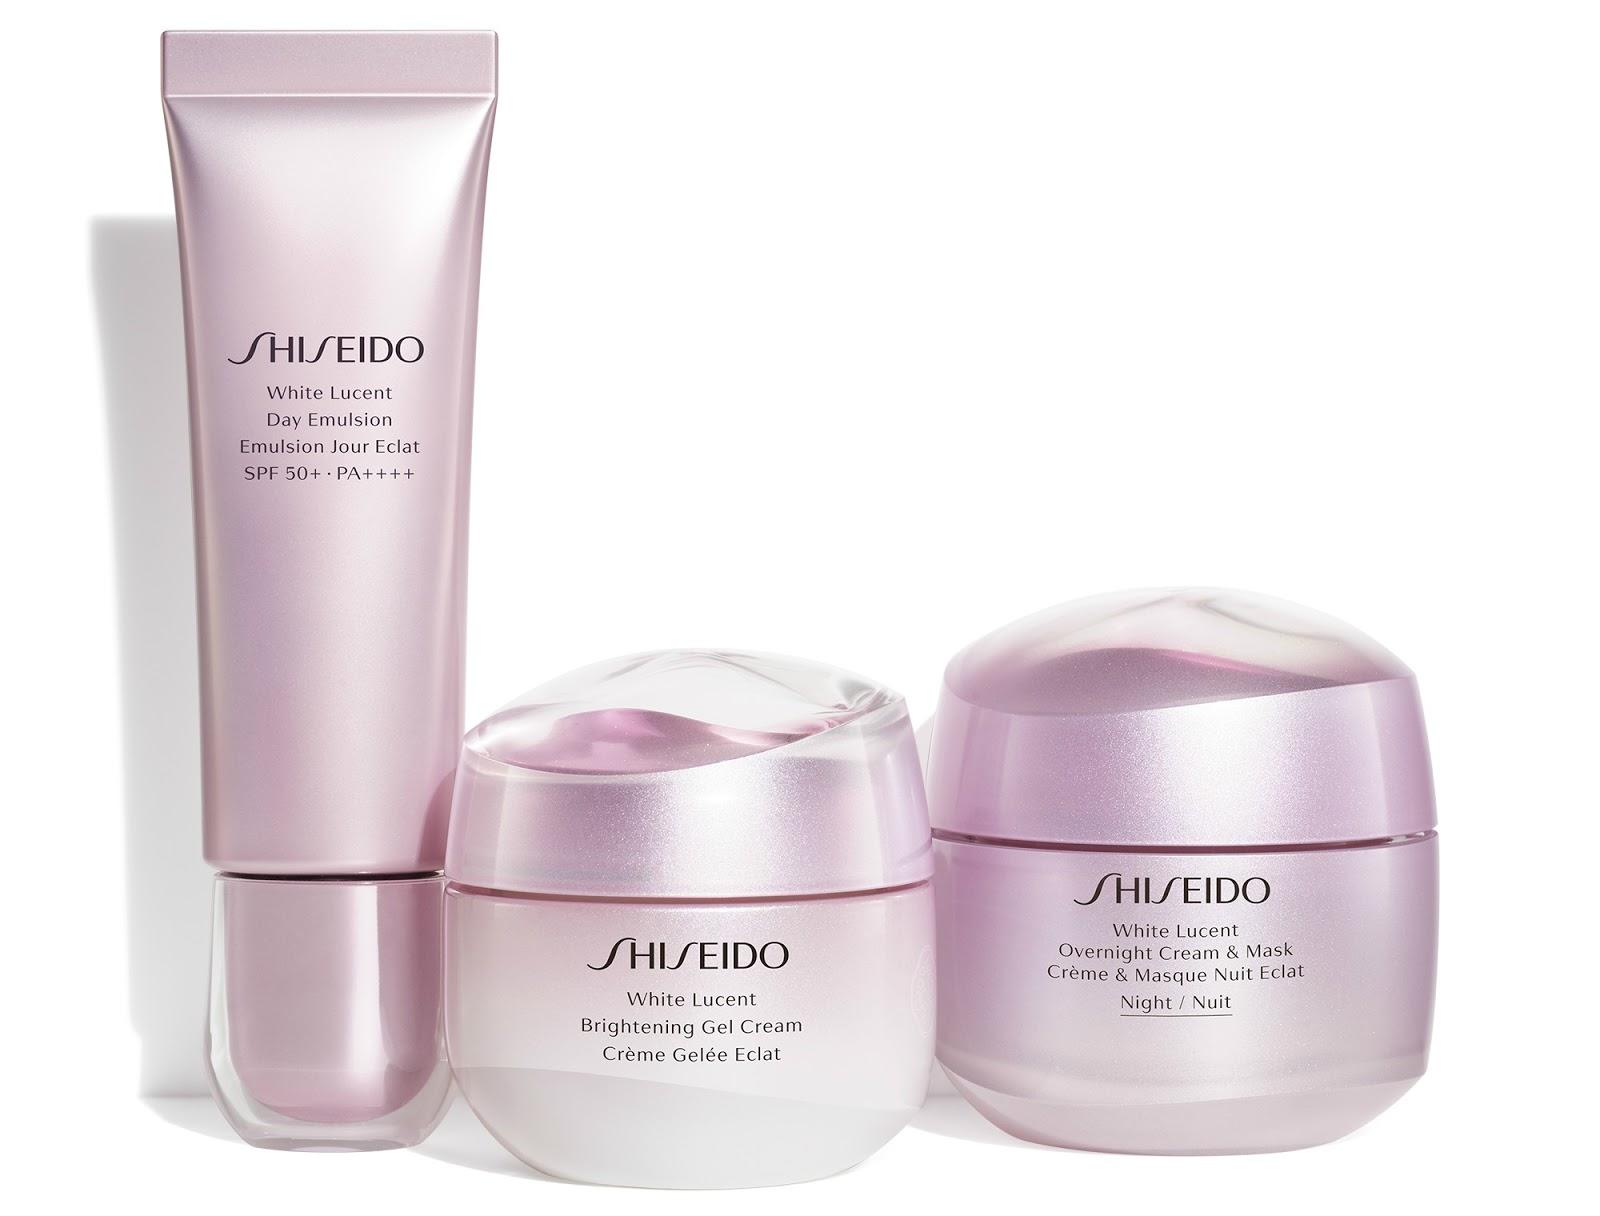 Shiseido - Mỹ phẩm Nhật